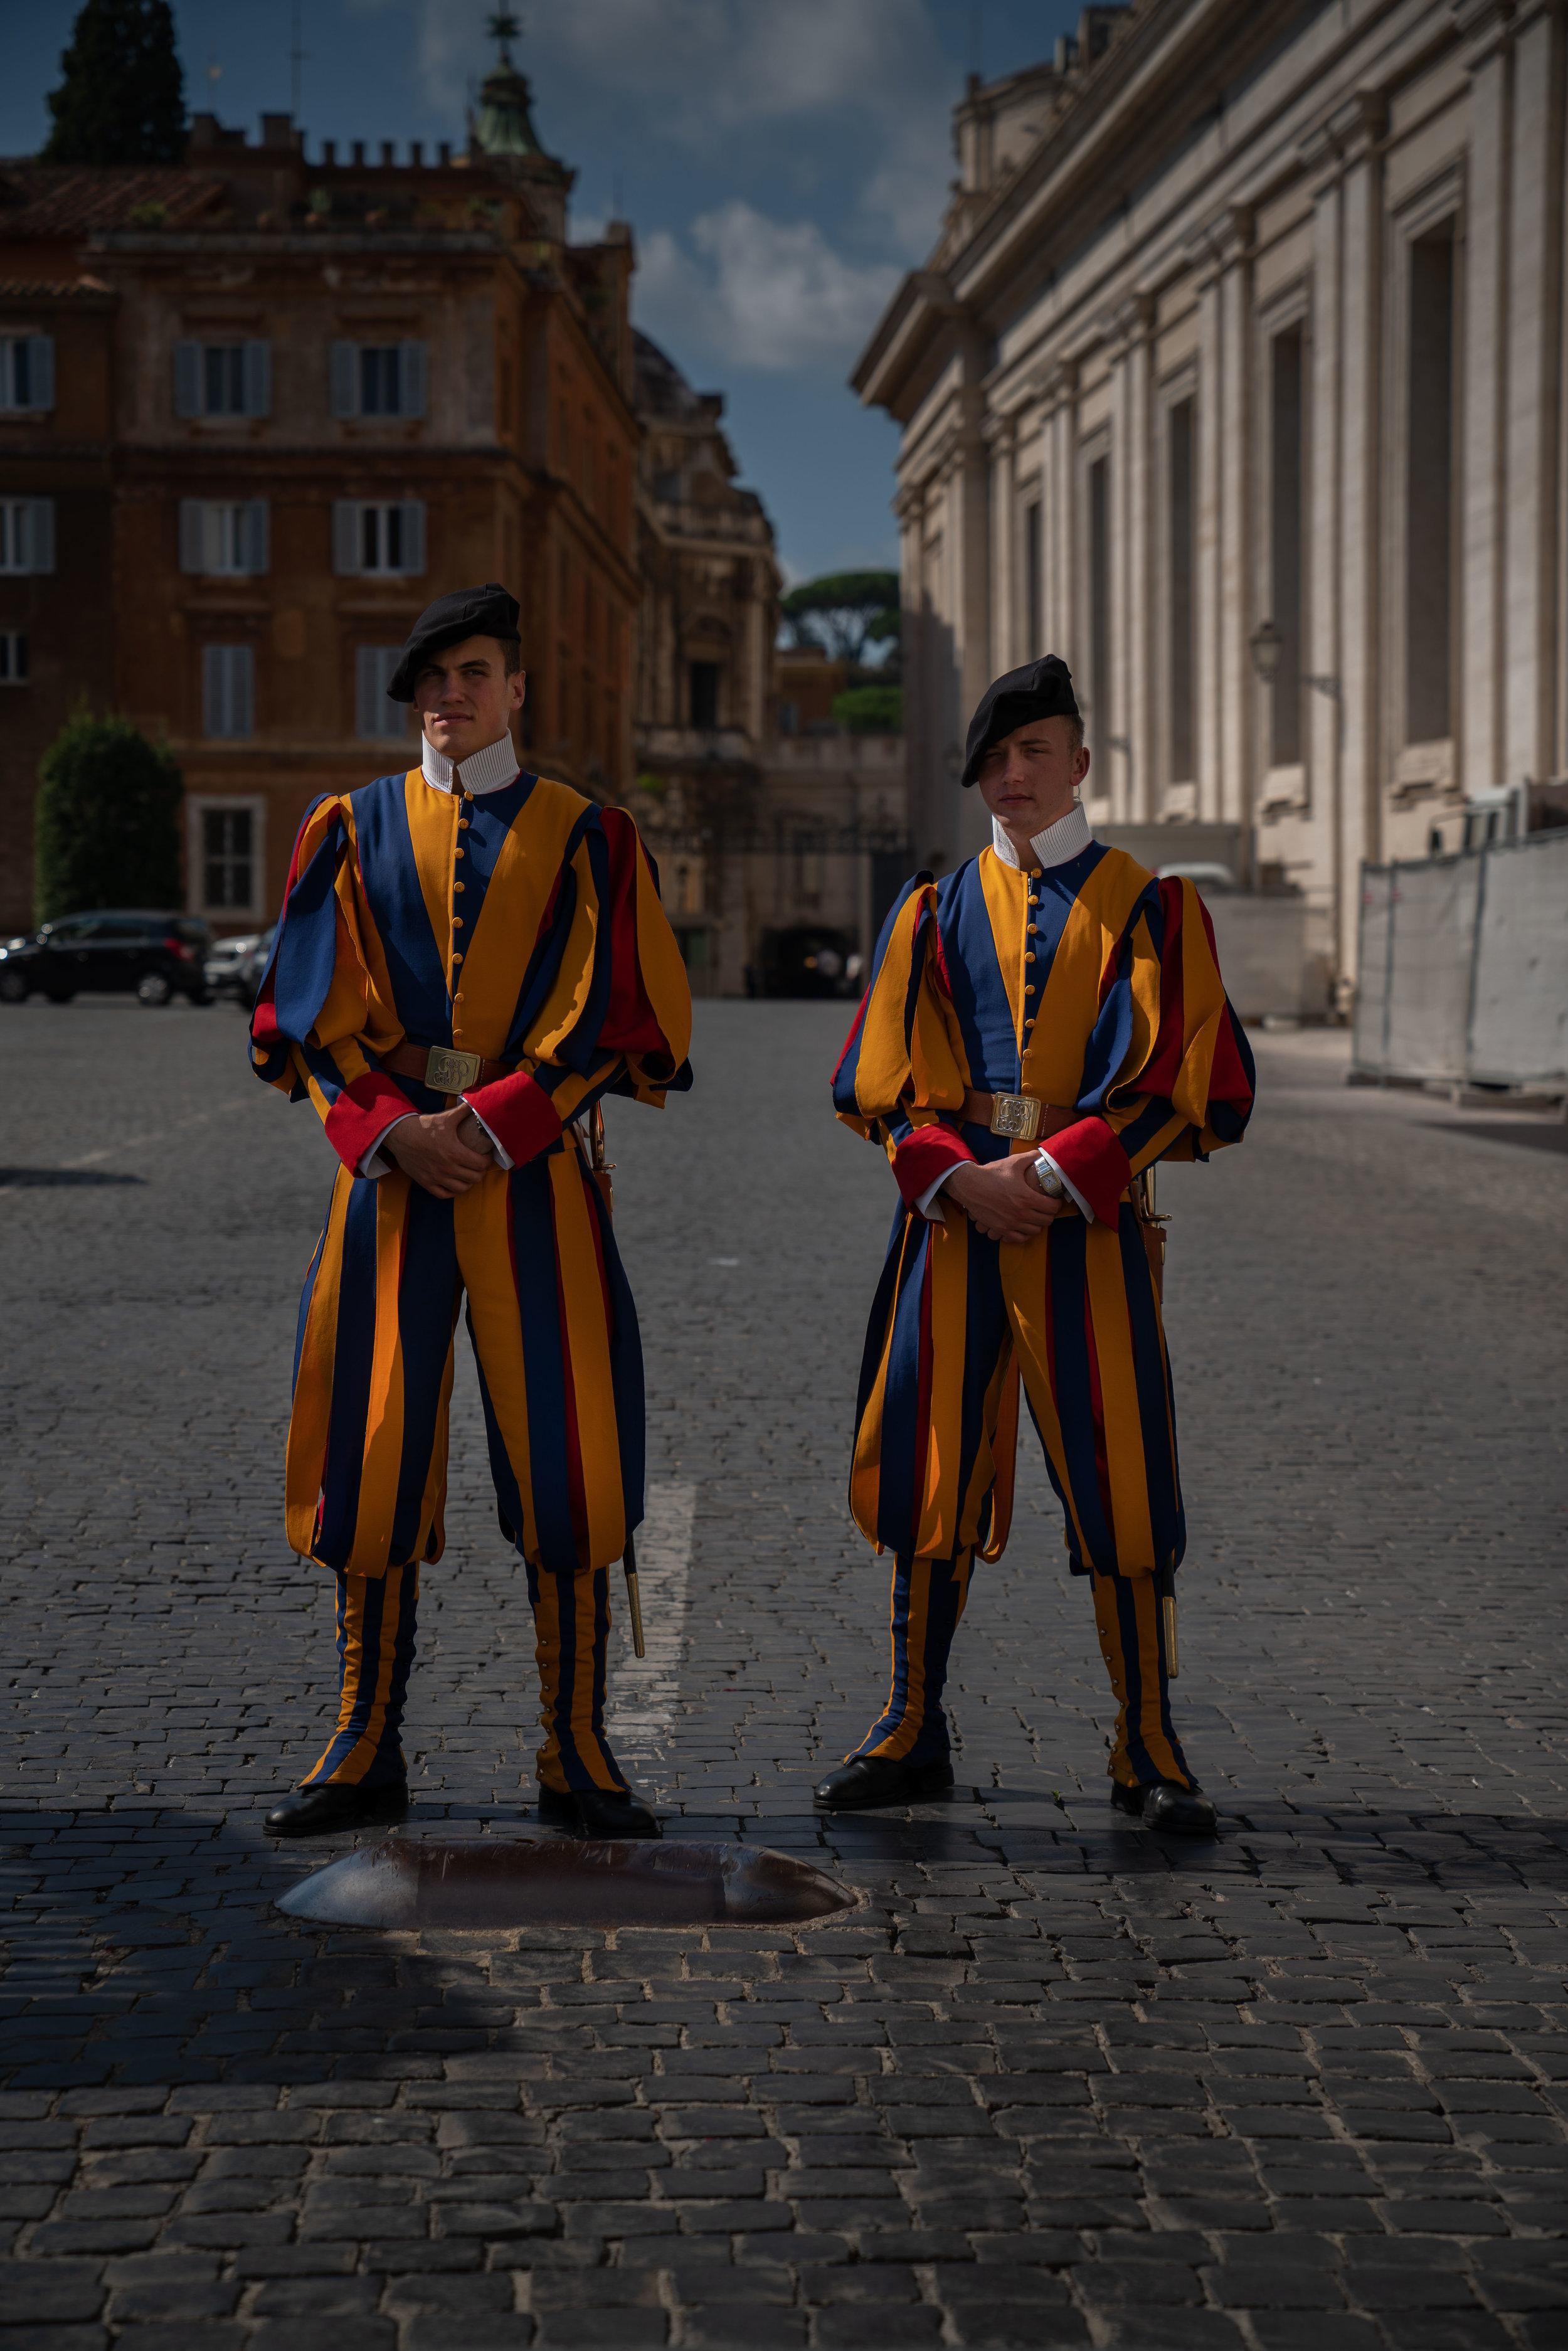 Vatican guard